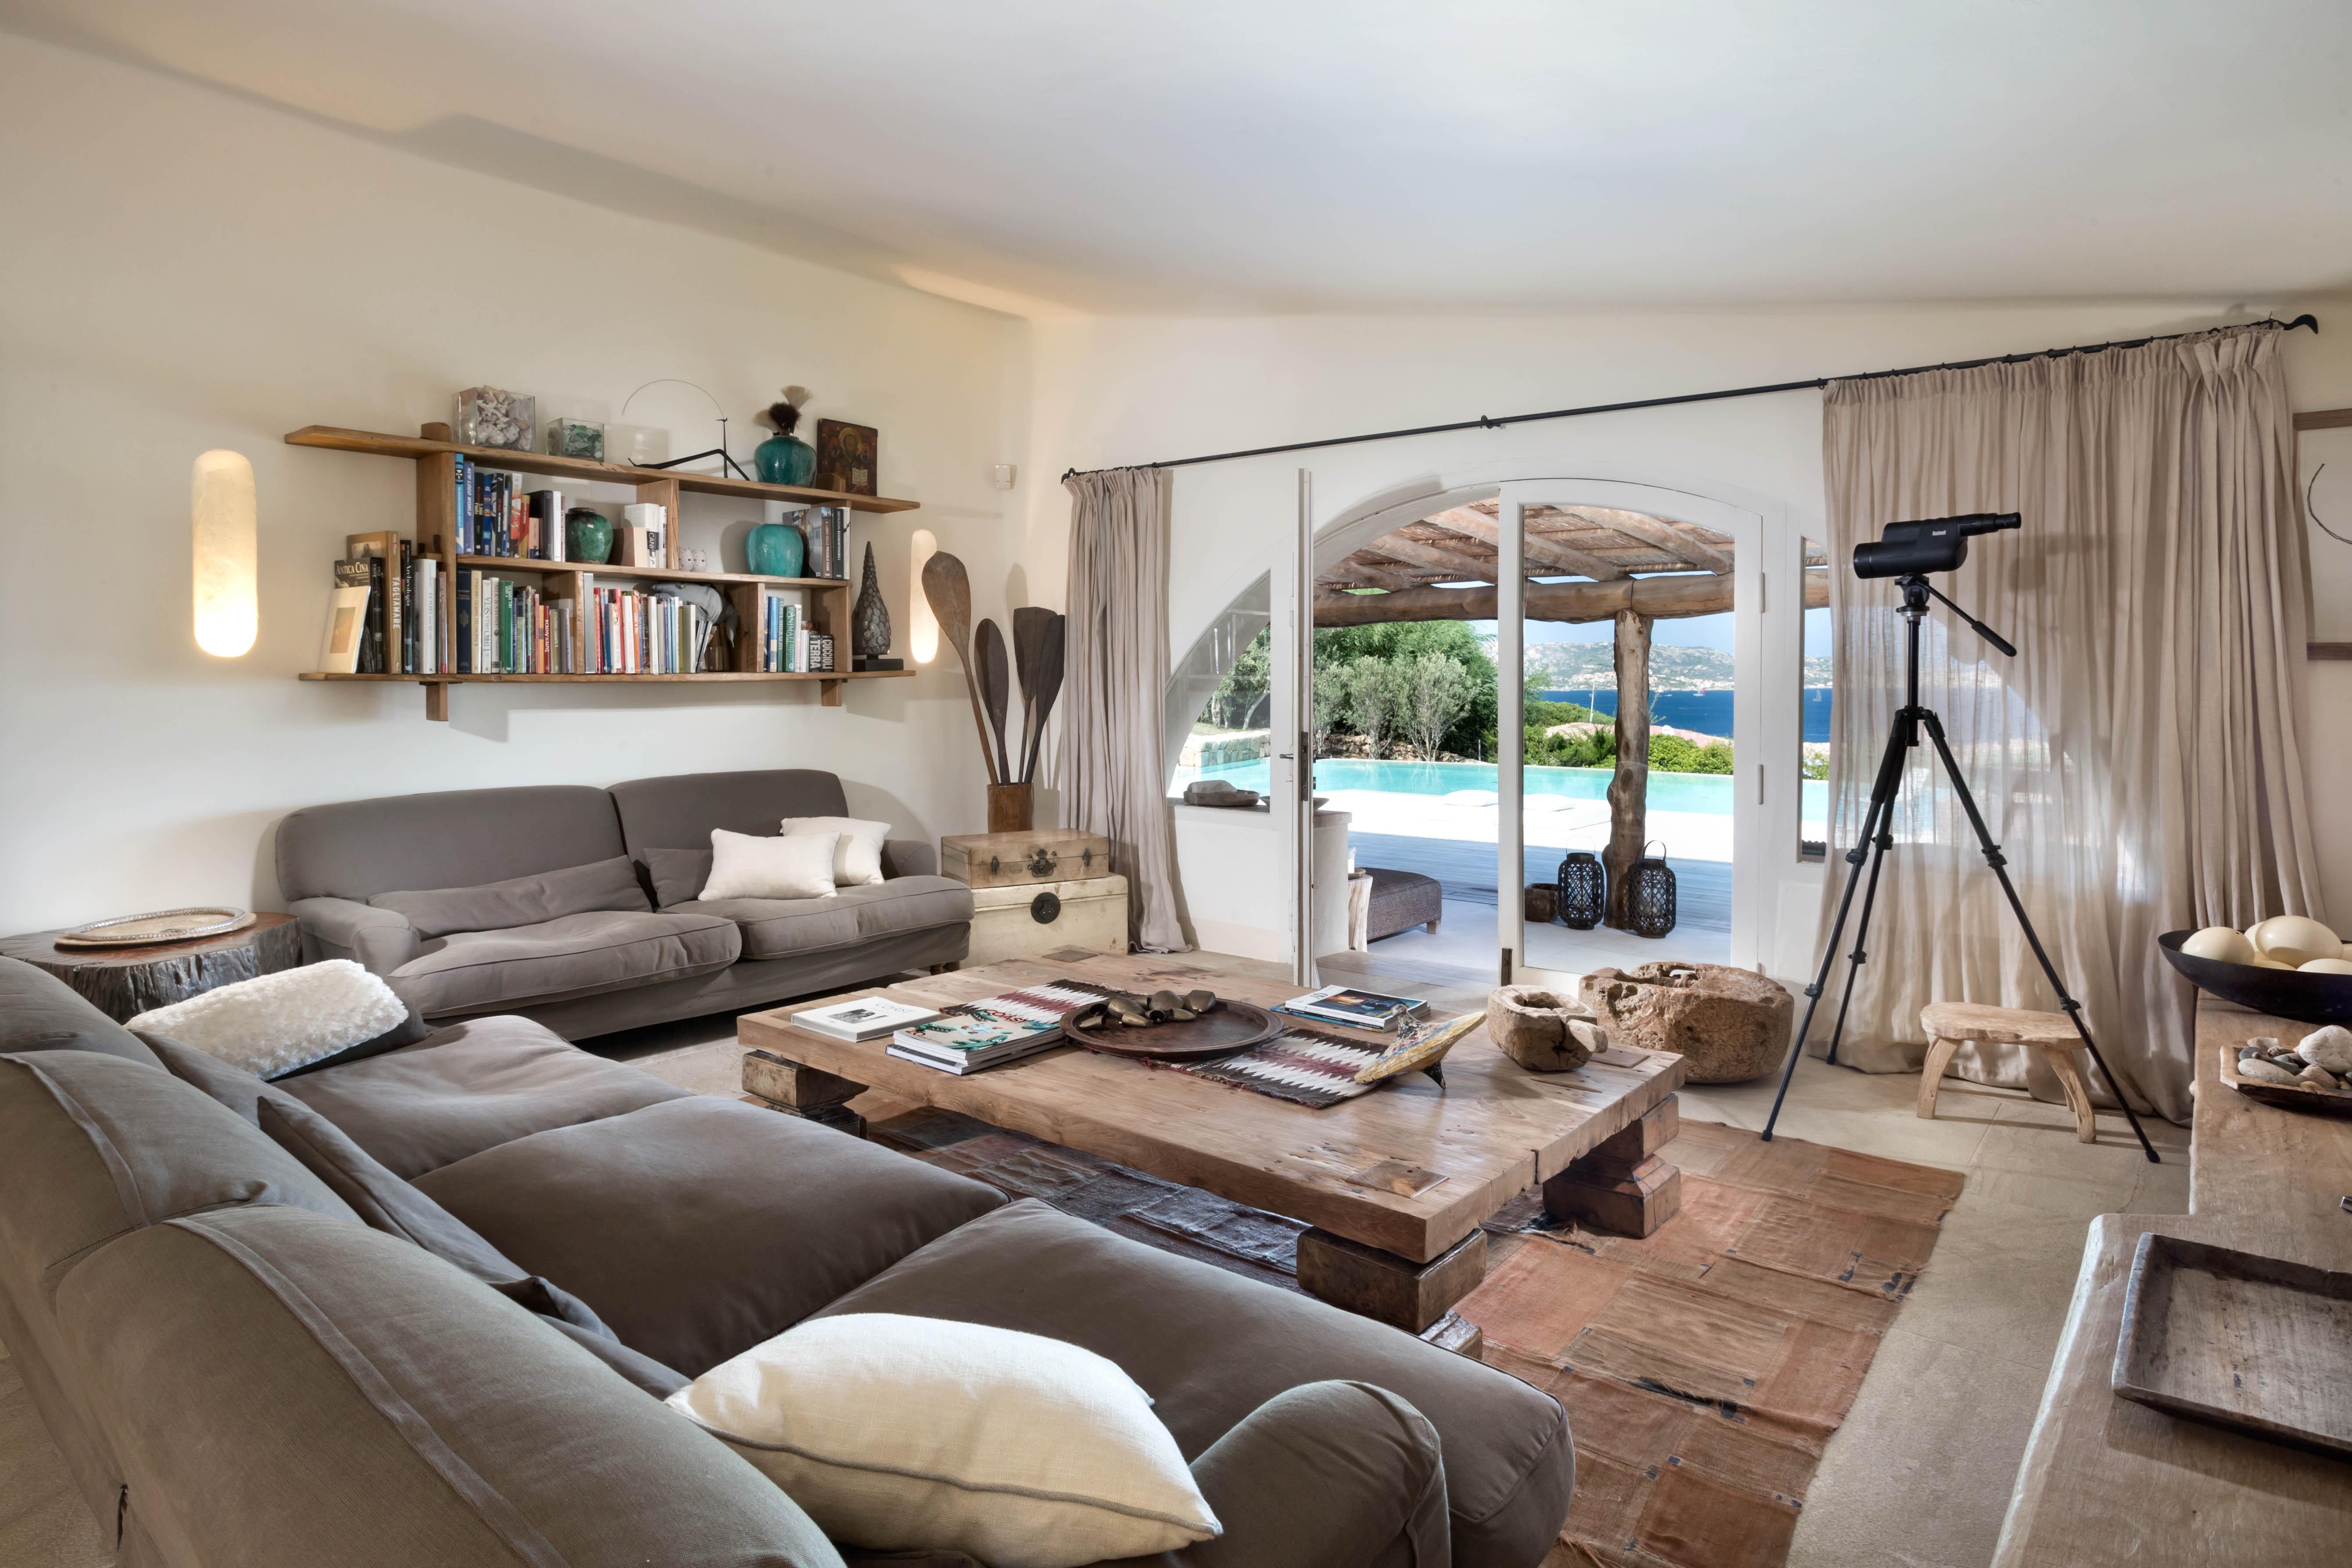 Gratis Afbeeldingen : villa, huis-, zomer, huisje, zolder, eigendom ...